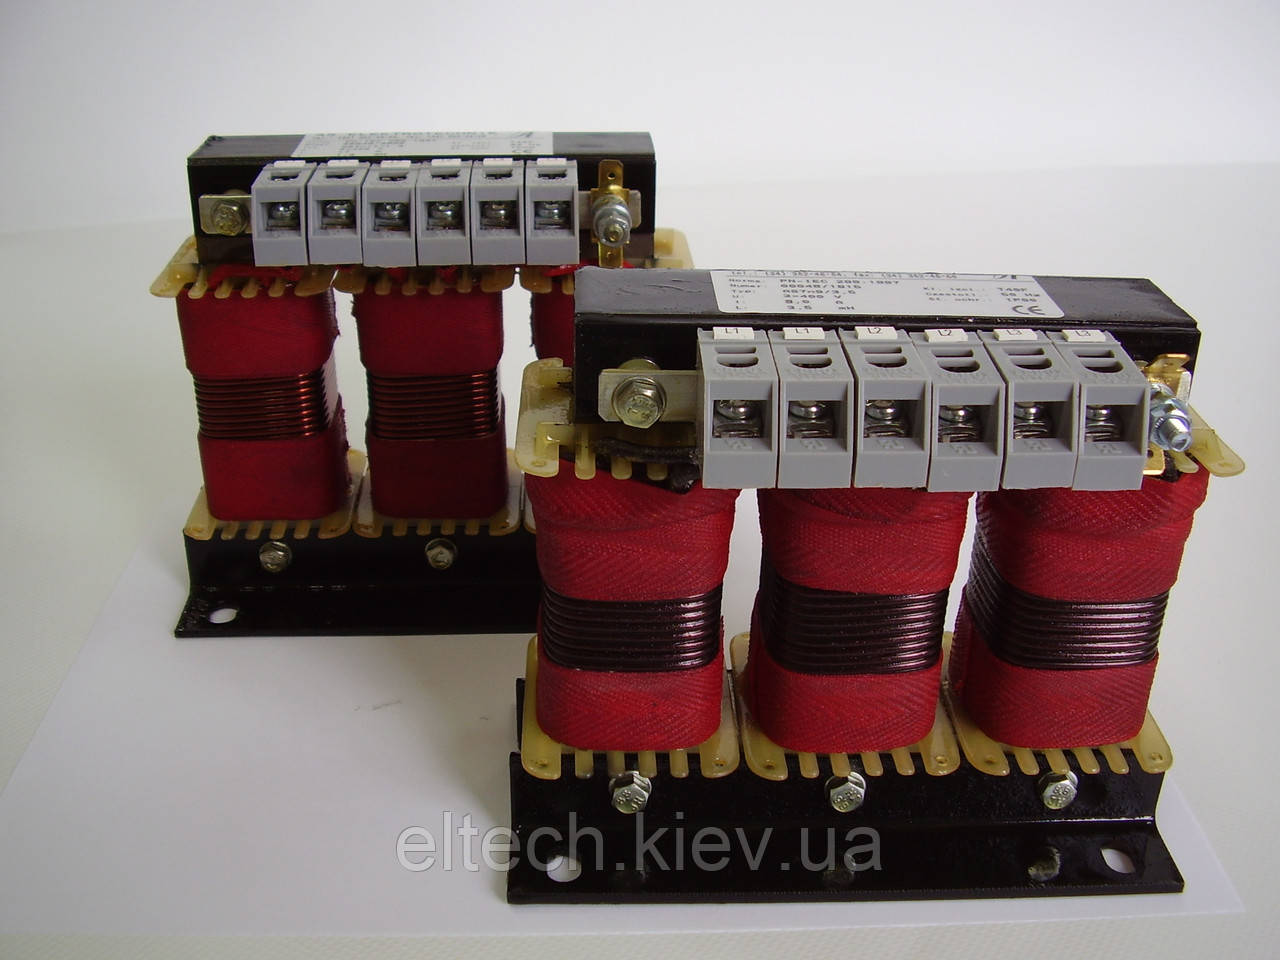 Дроссель моторный трехфазный AS7m 16/3.8 (7.5кВт)